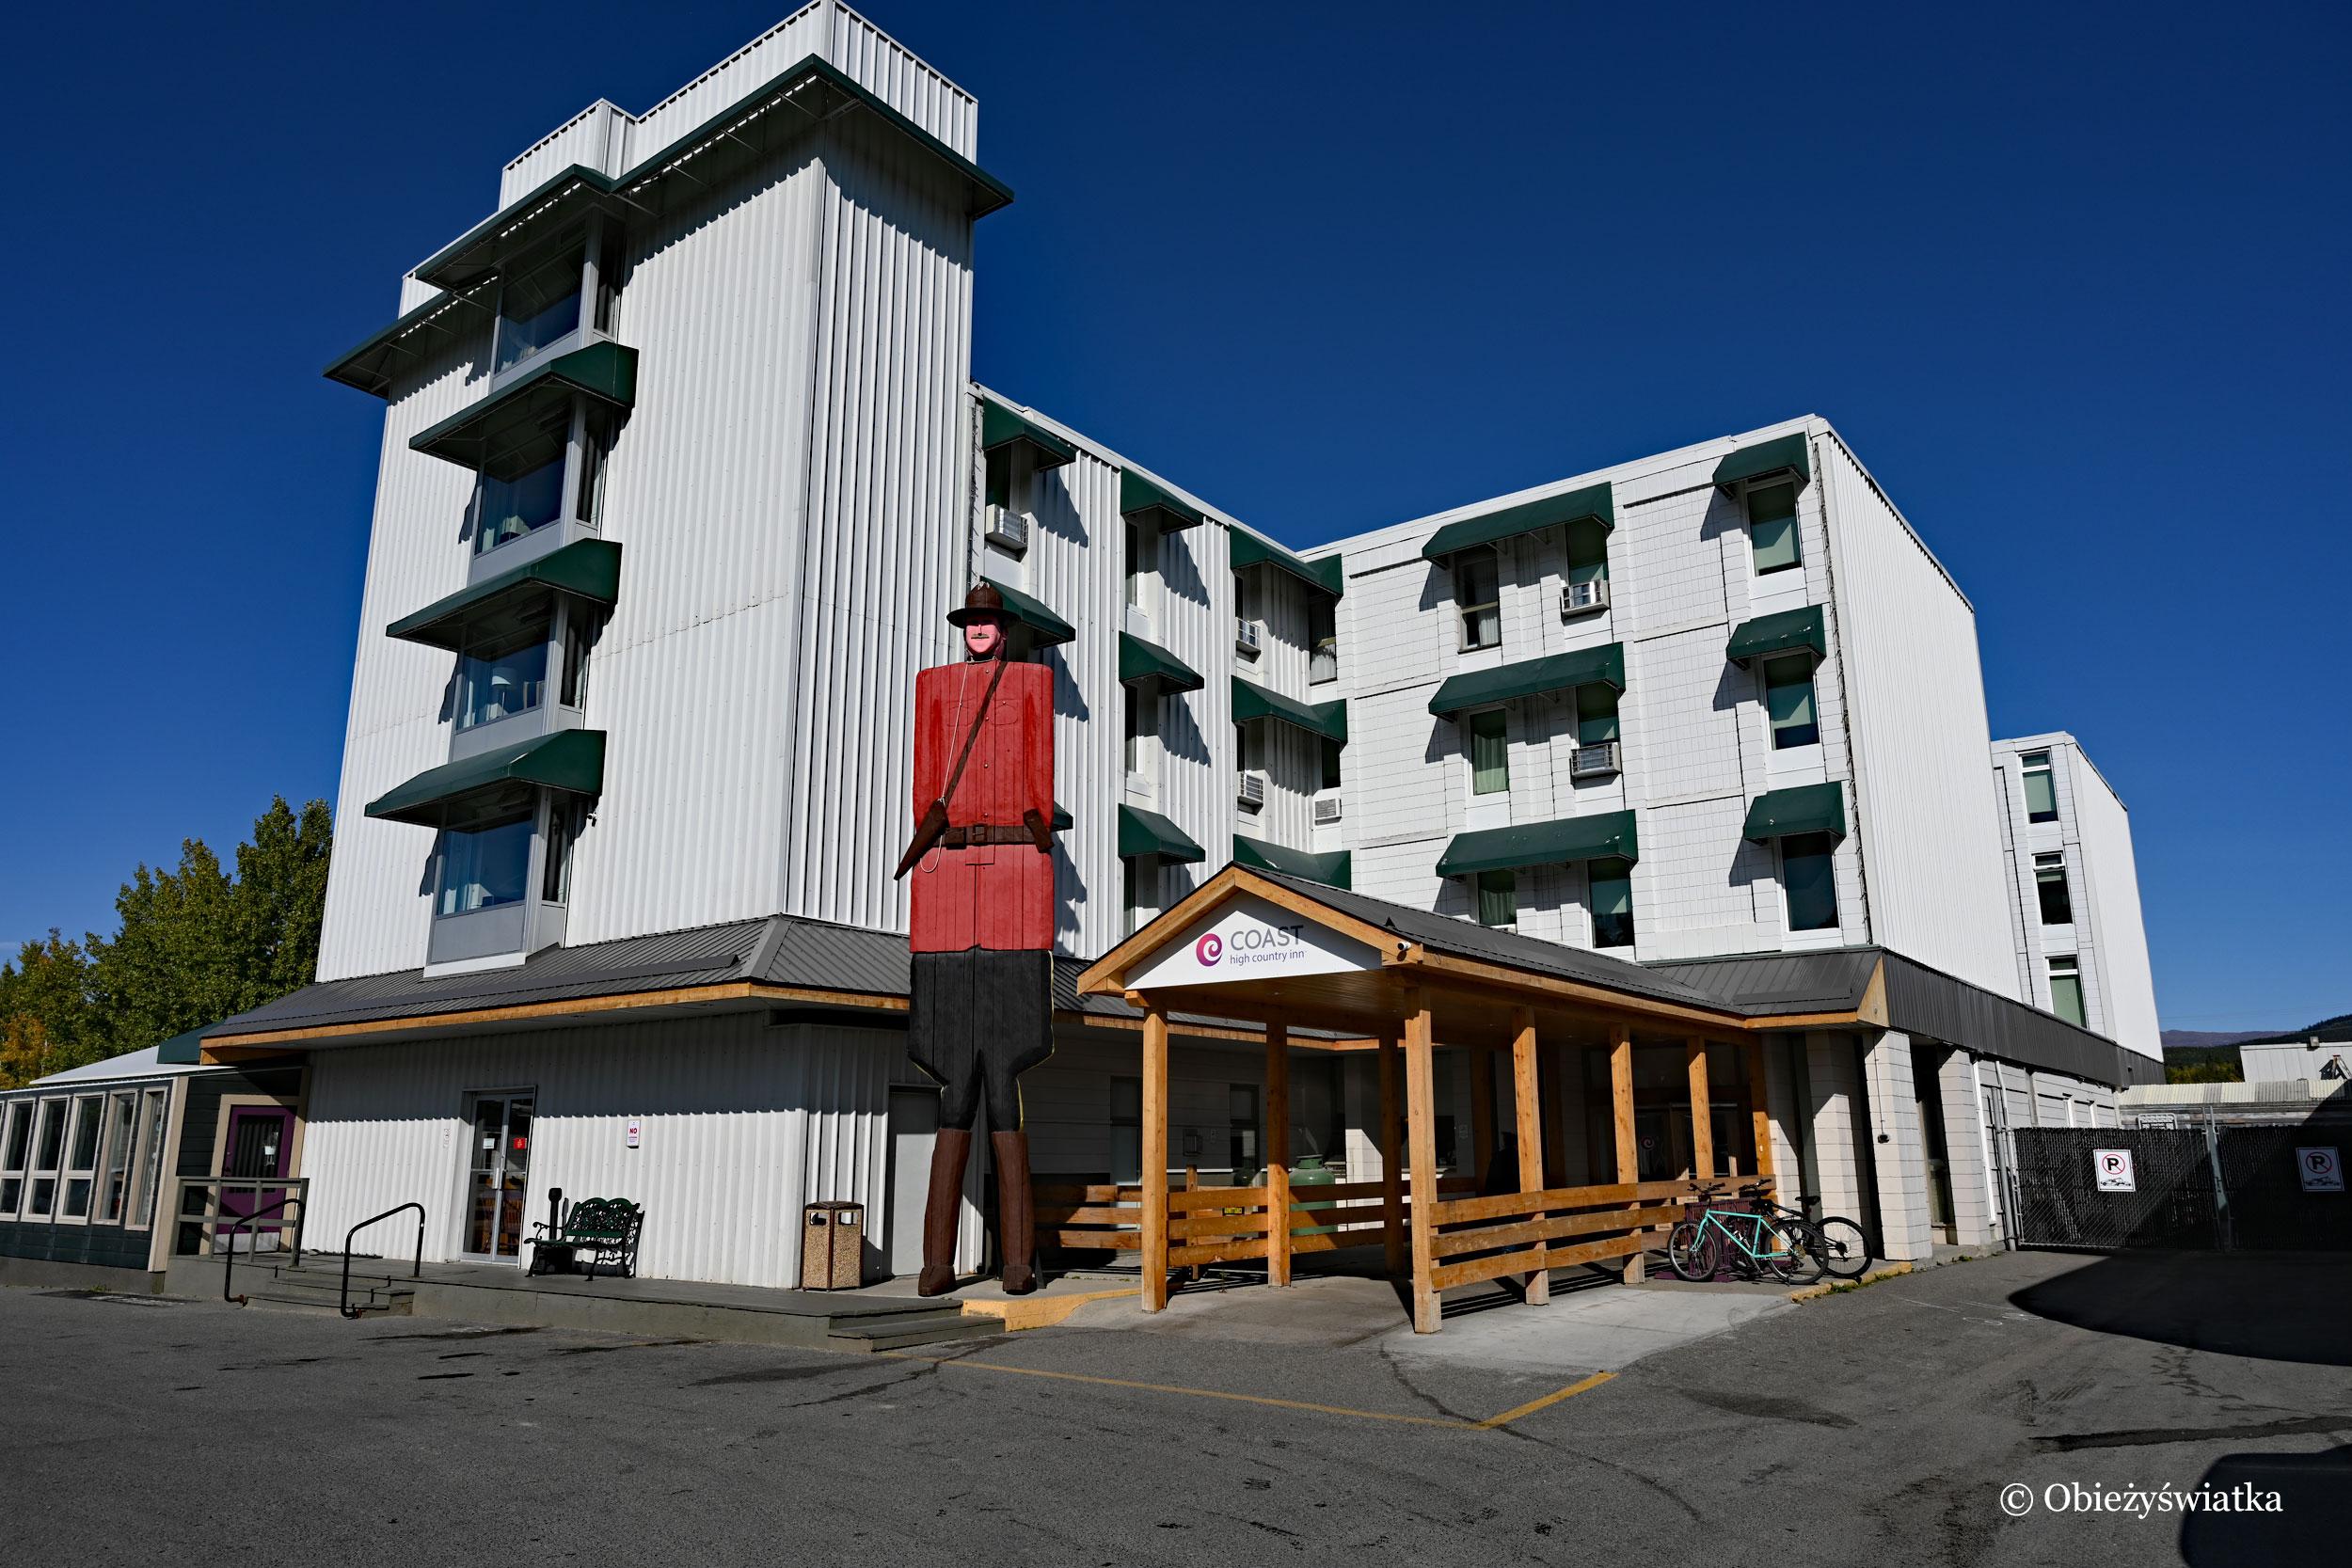 Nasz hotel w Whitehorse, Kanada